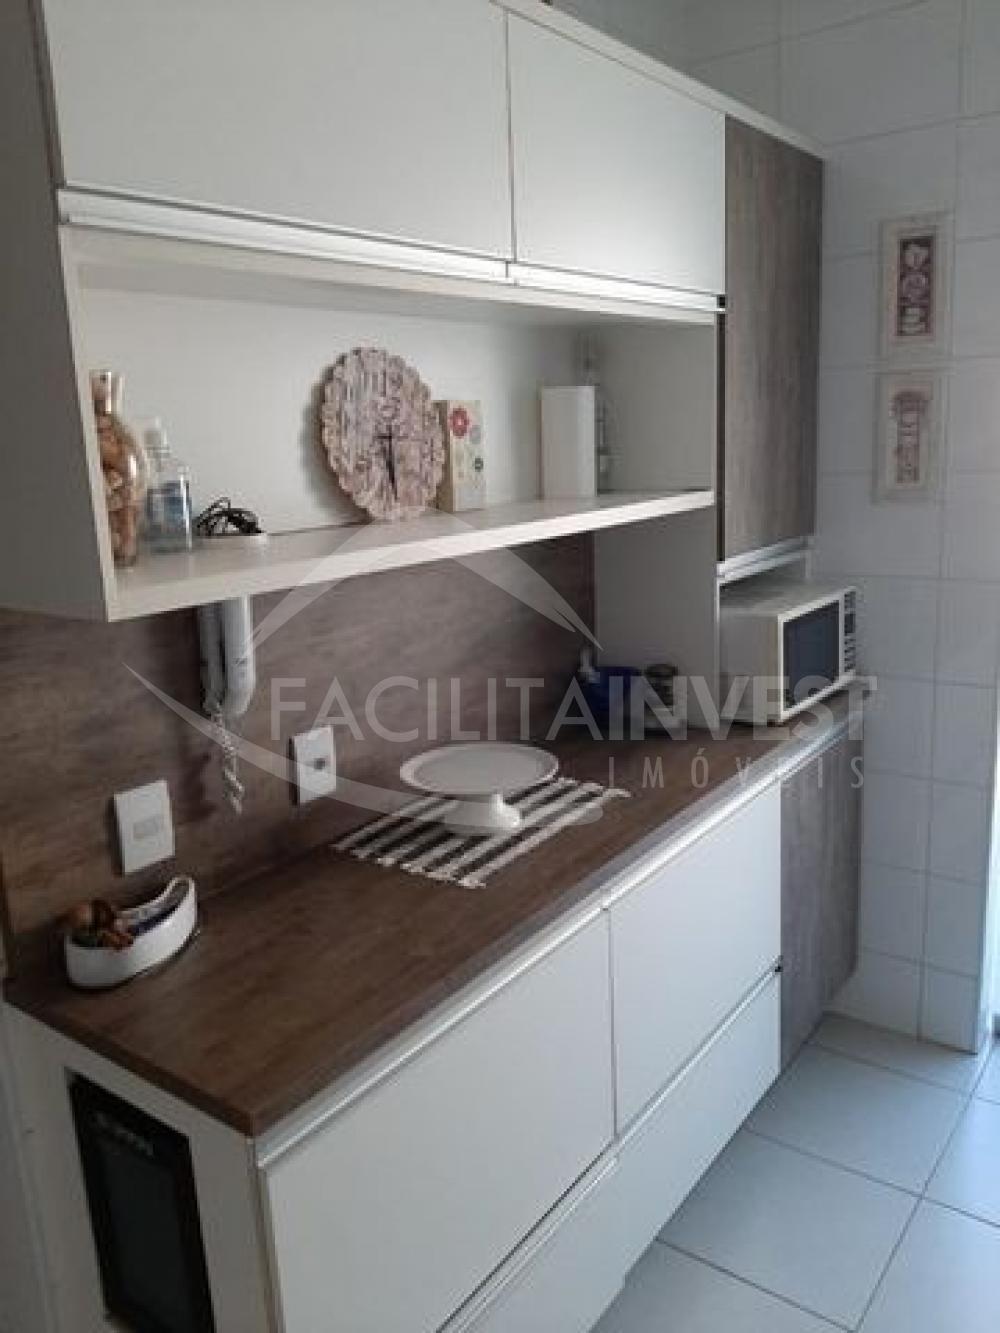 Alugar Apartamentos / Apartamento Mobiliado em Ribeirão Preto apenas R$ 1.400,00 - Foto 5